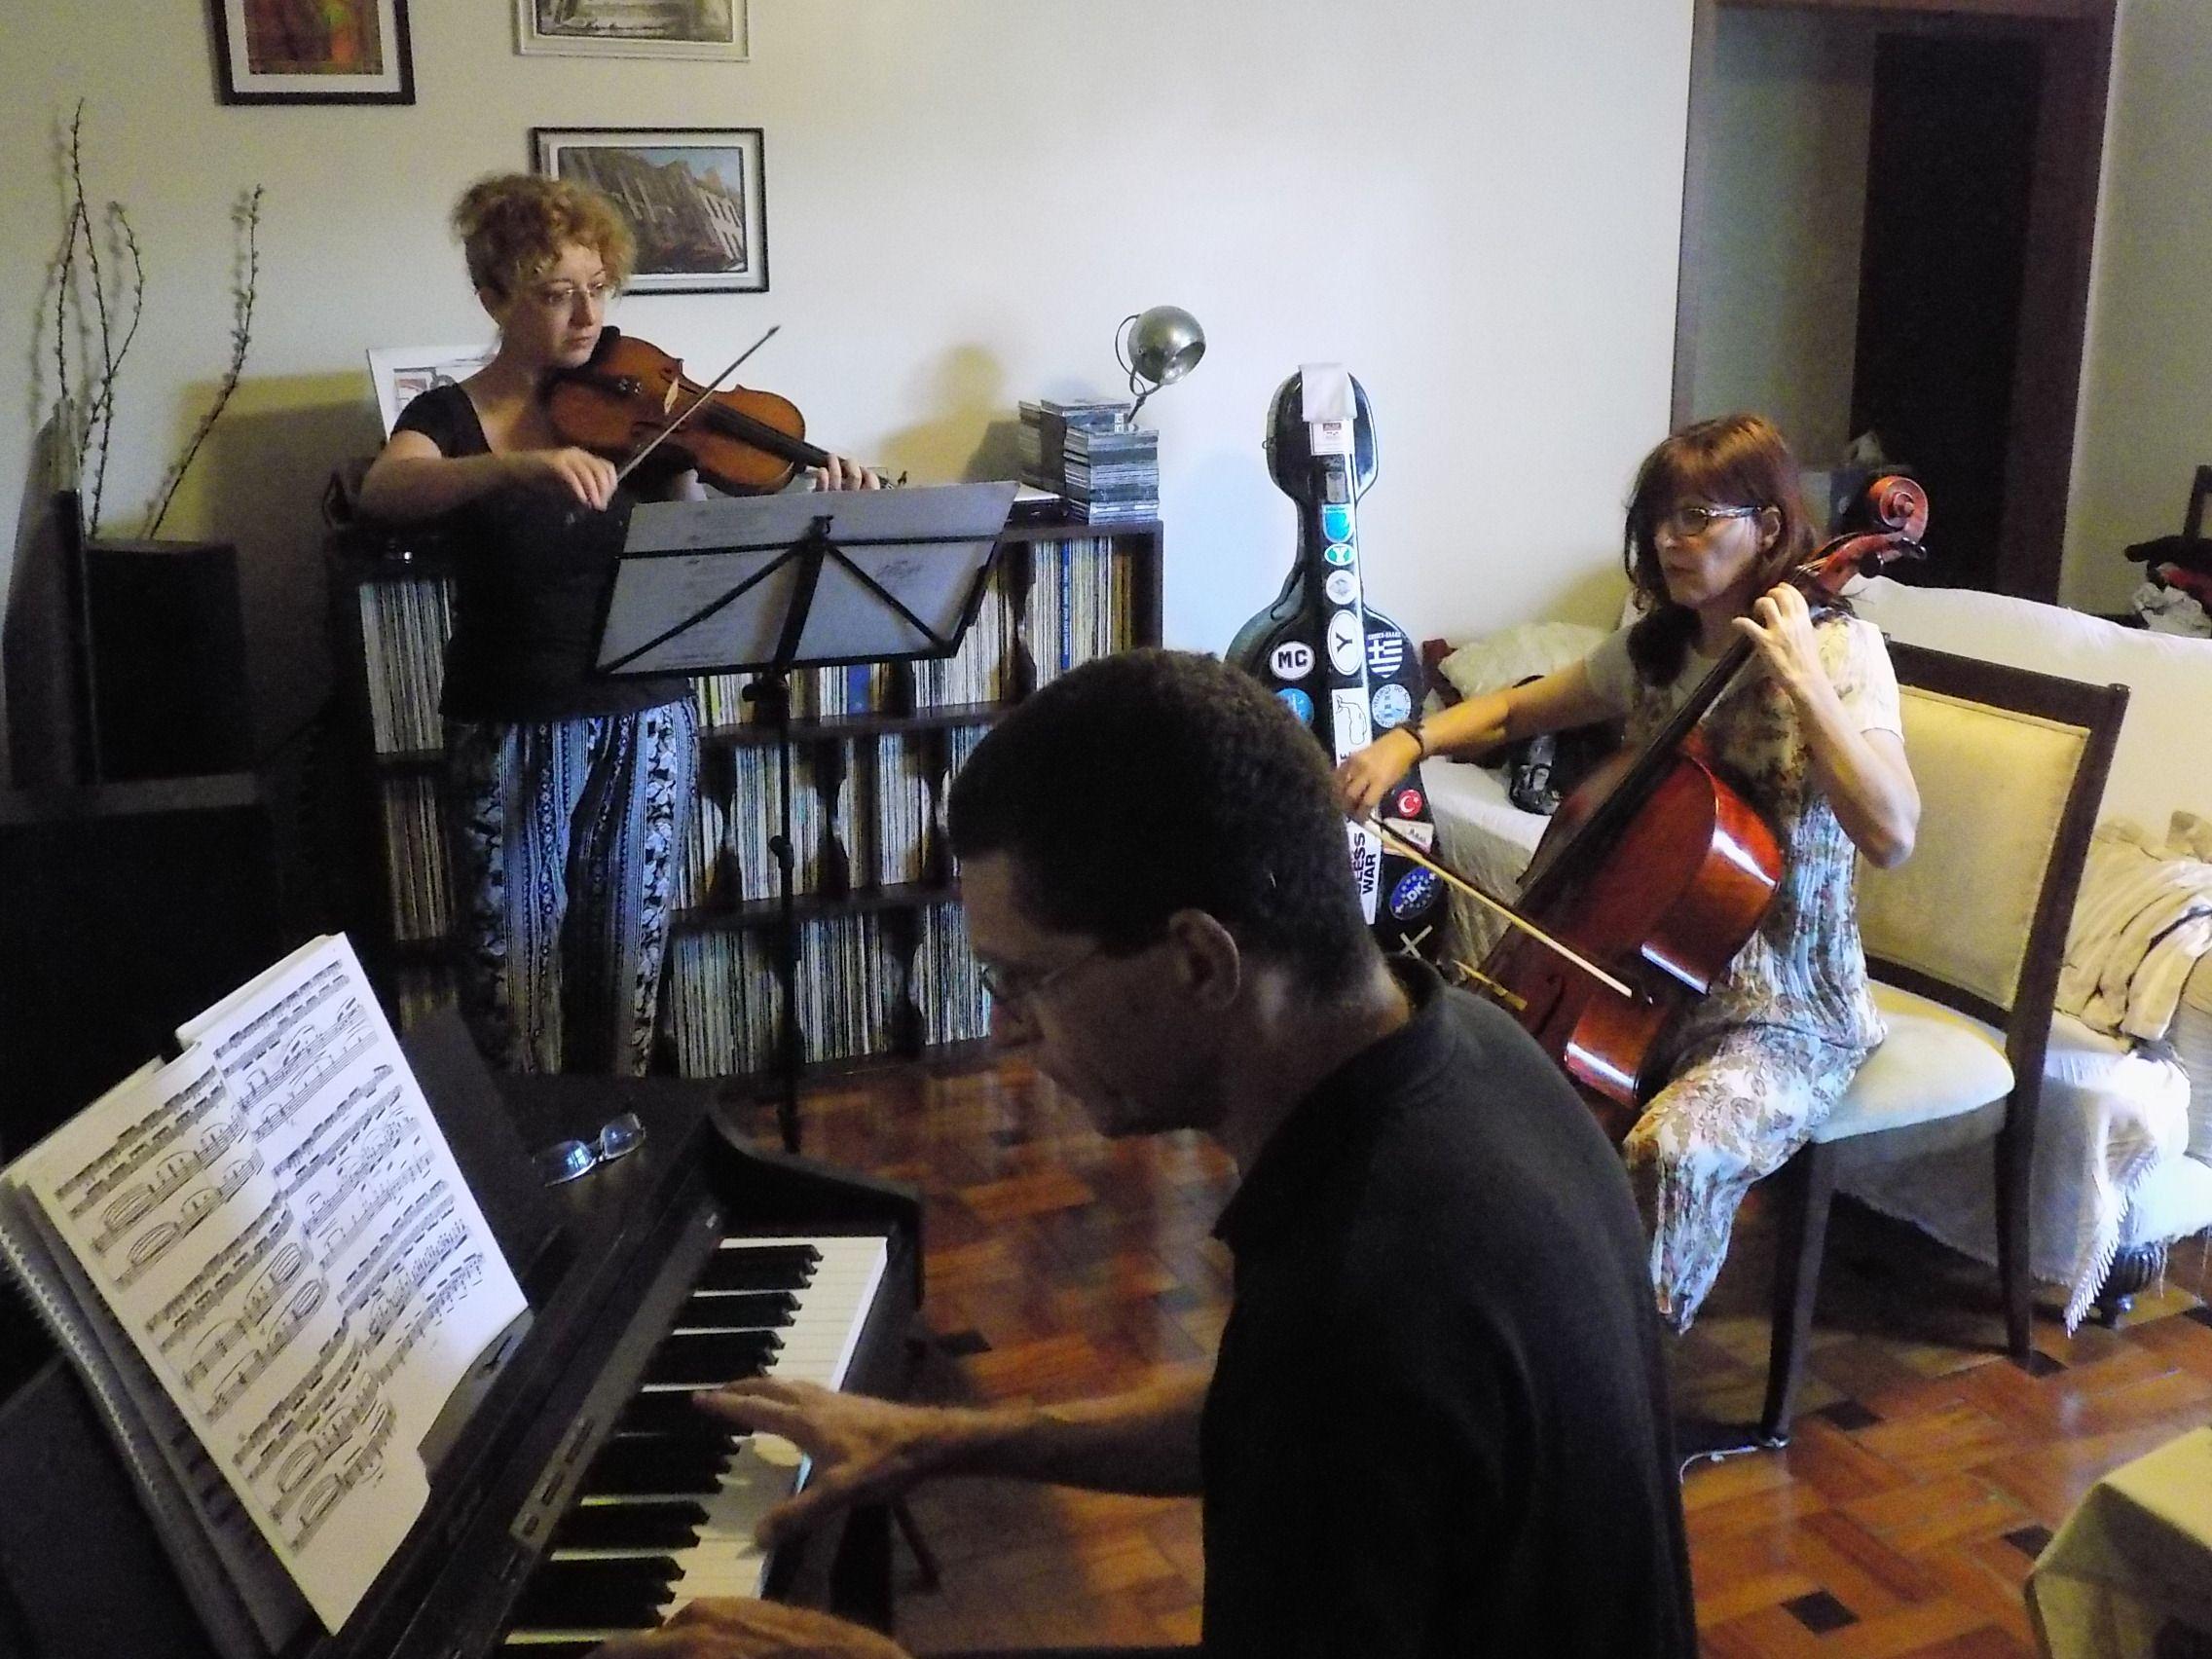 Amanhã, quarta-feira, às 12h30, a estreia do Kandinsky Trio, do qual trazemos amostras